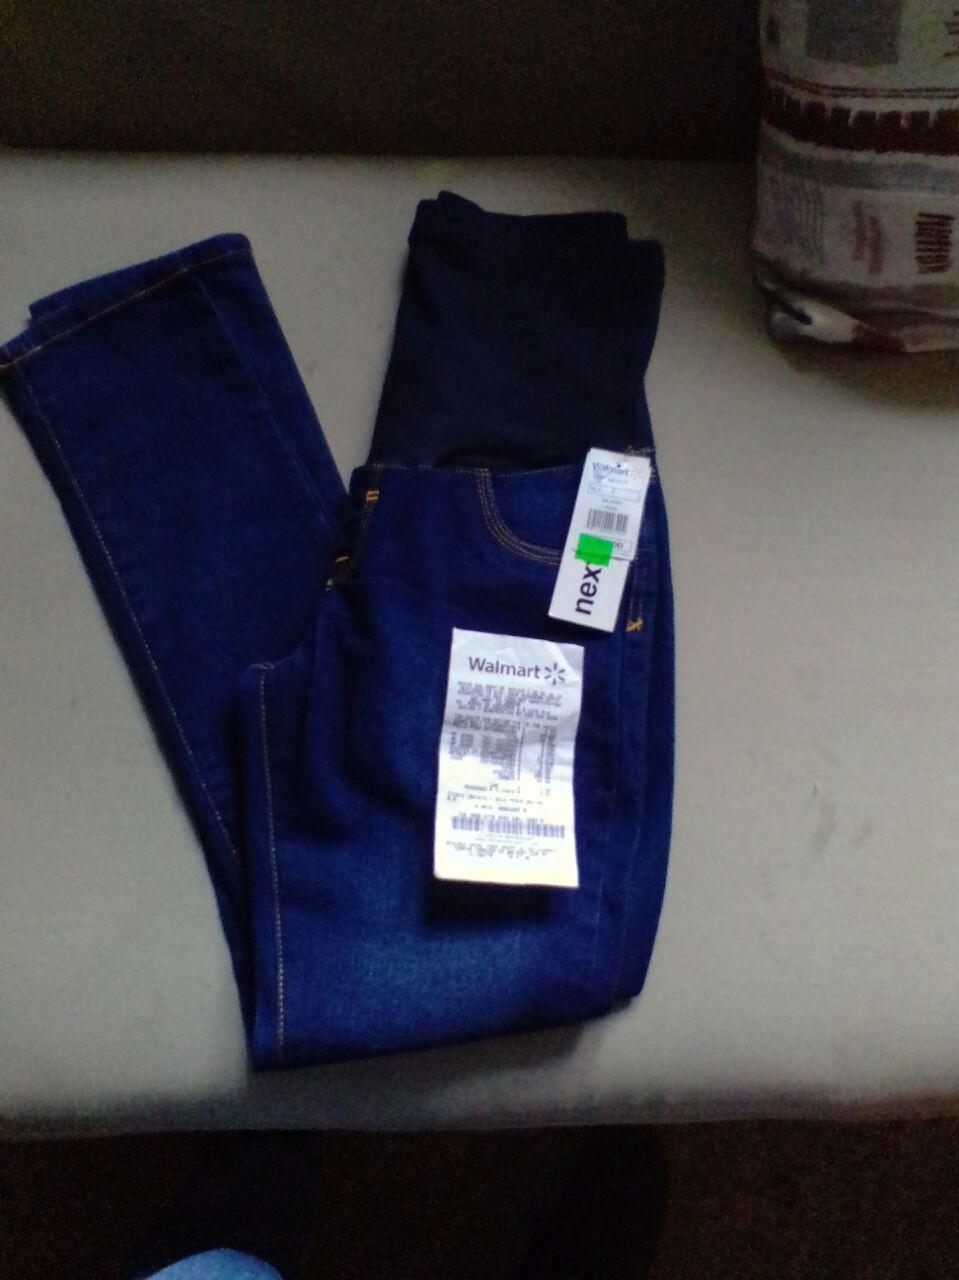 Walmart: Jeans de Maternidad a $5.03